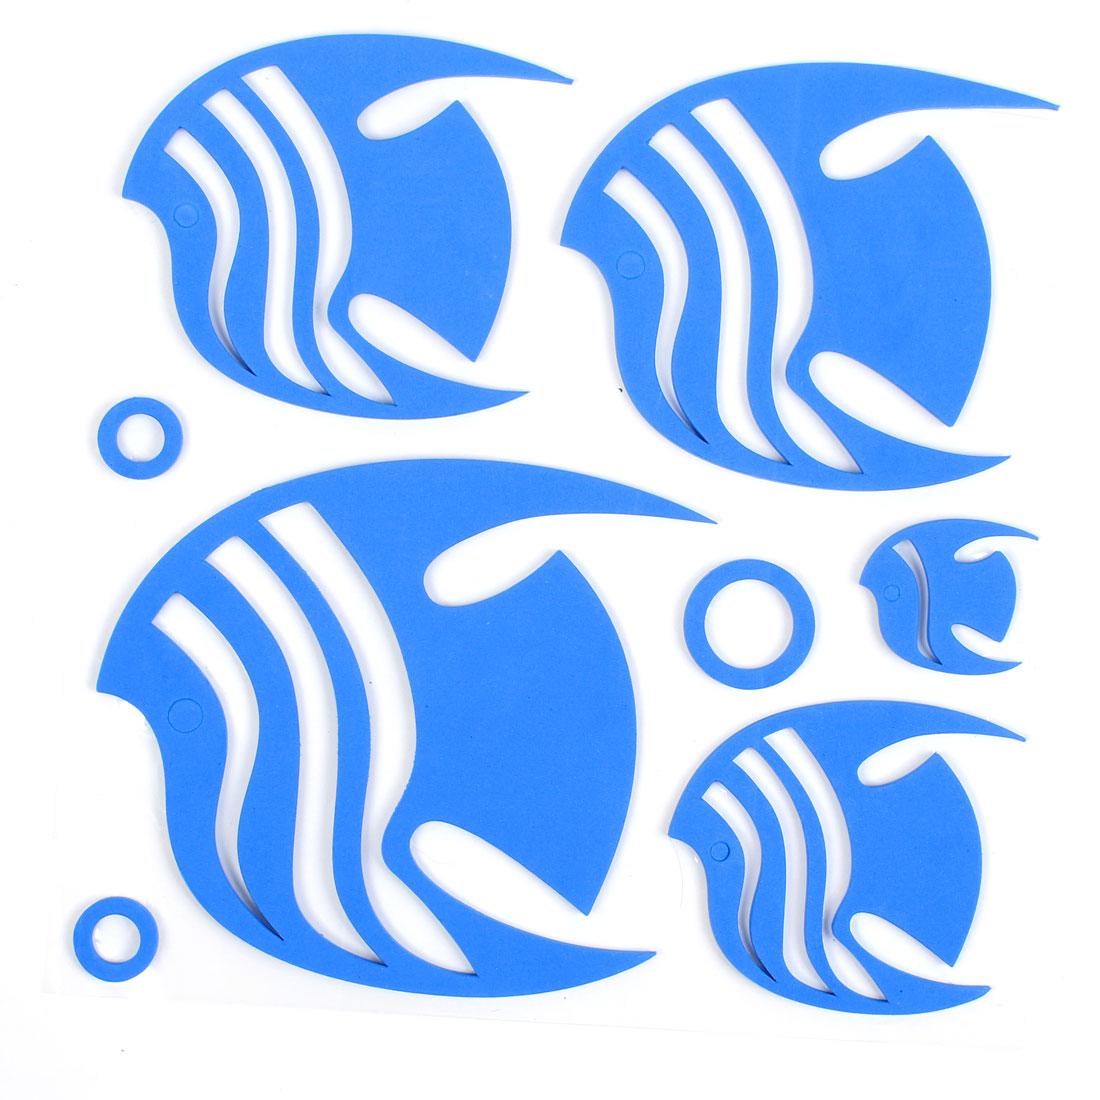 Home Bathroom Decor 3D Fish Shape Foam Wall Sticker Decal DIY Blue